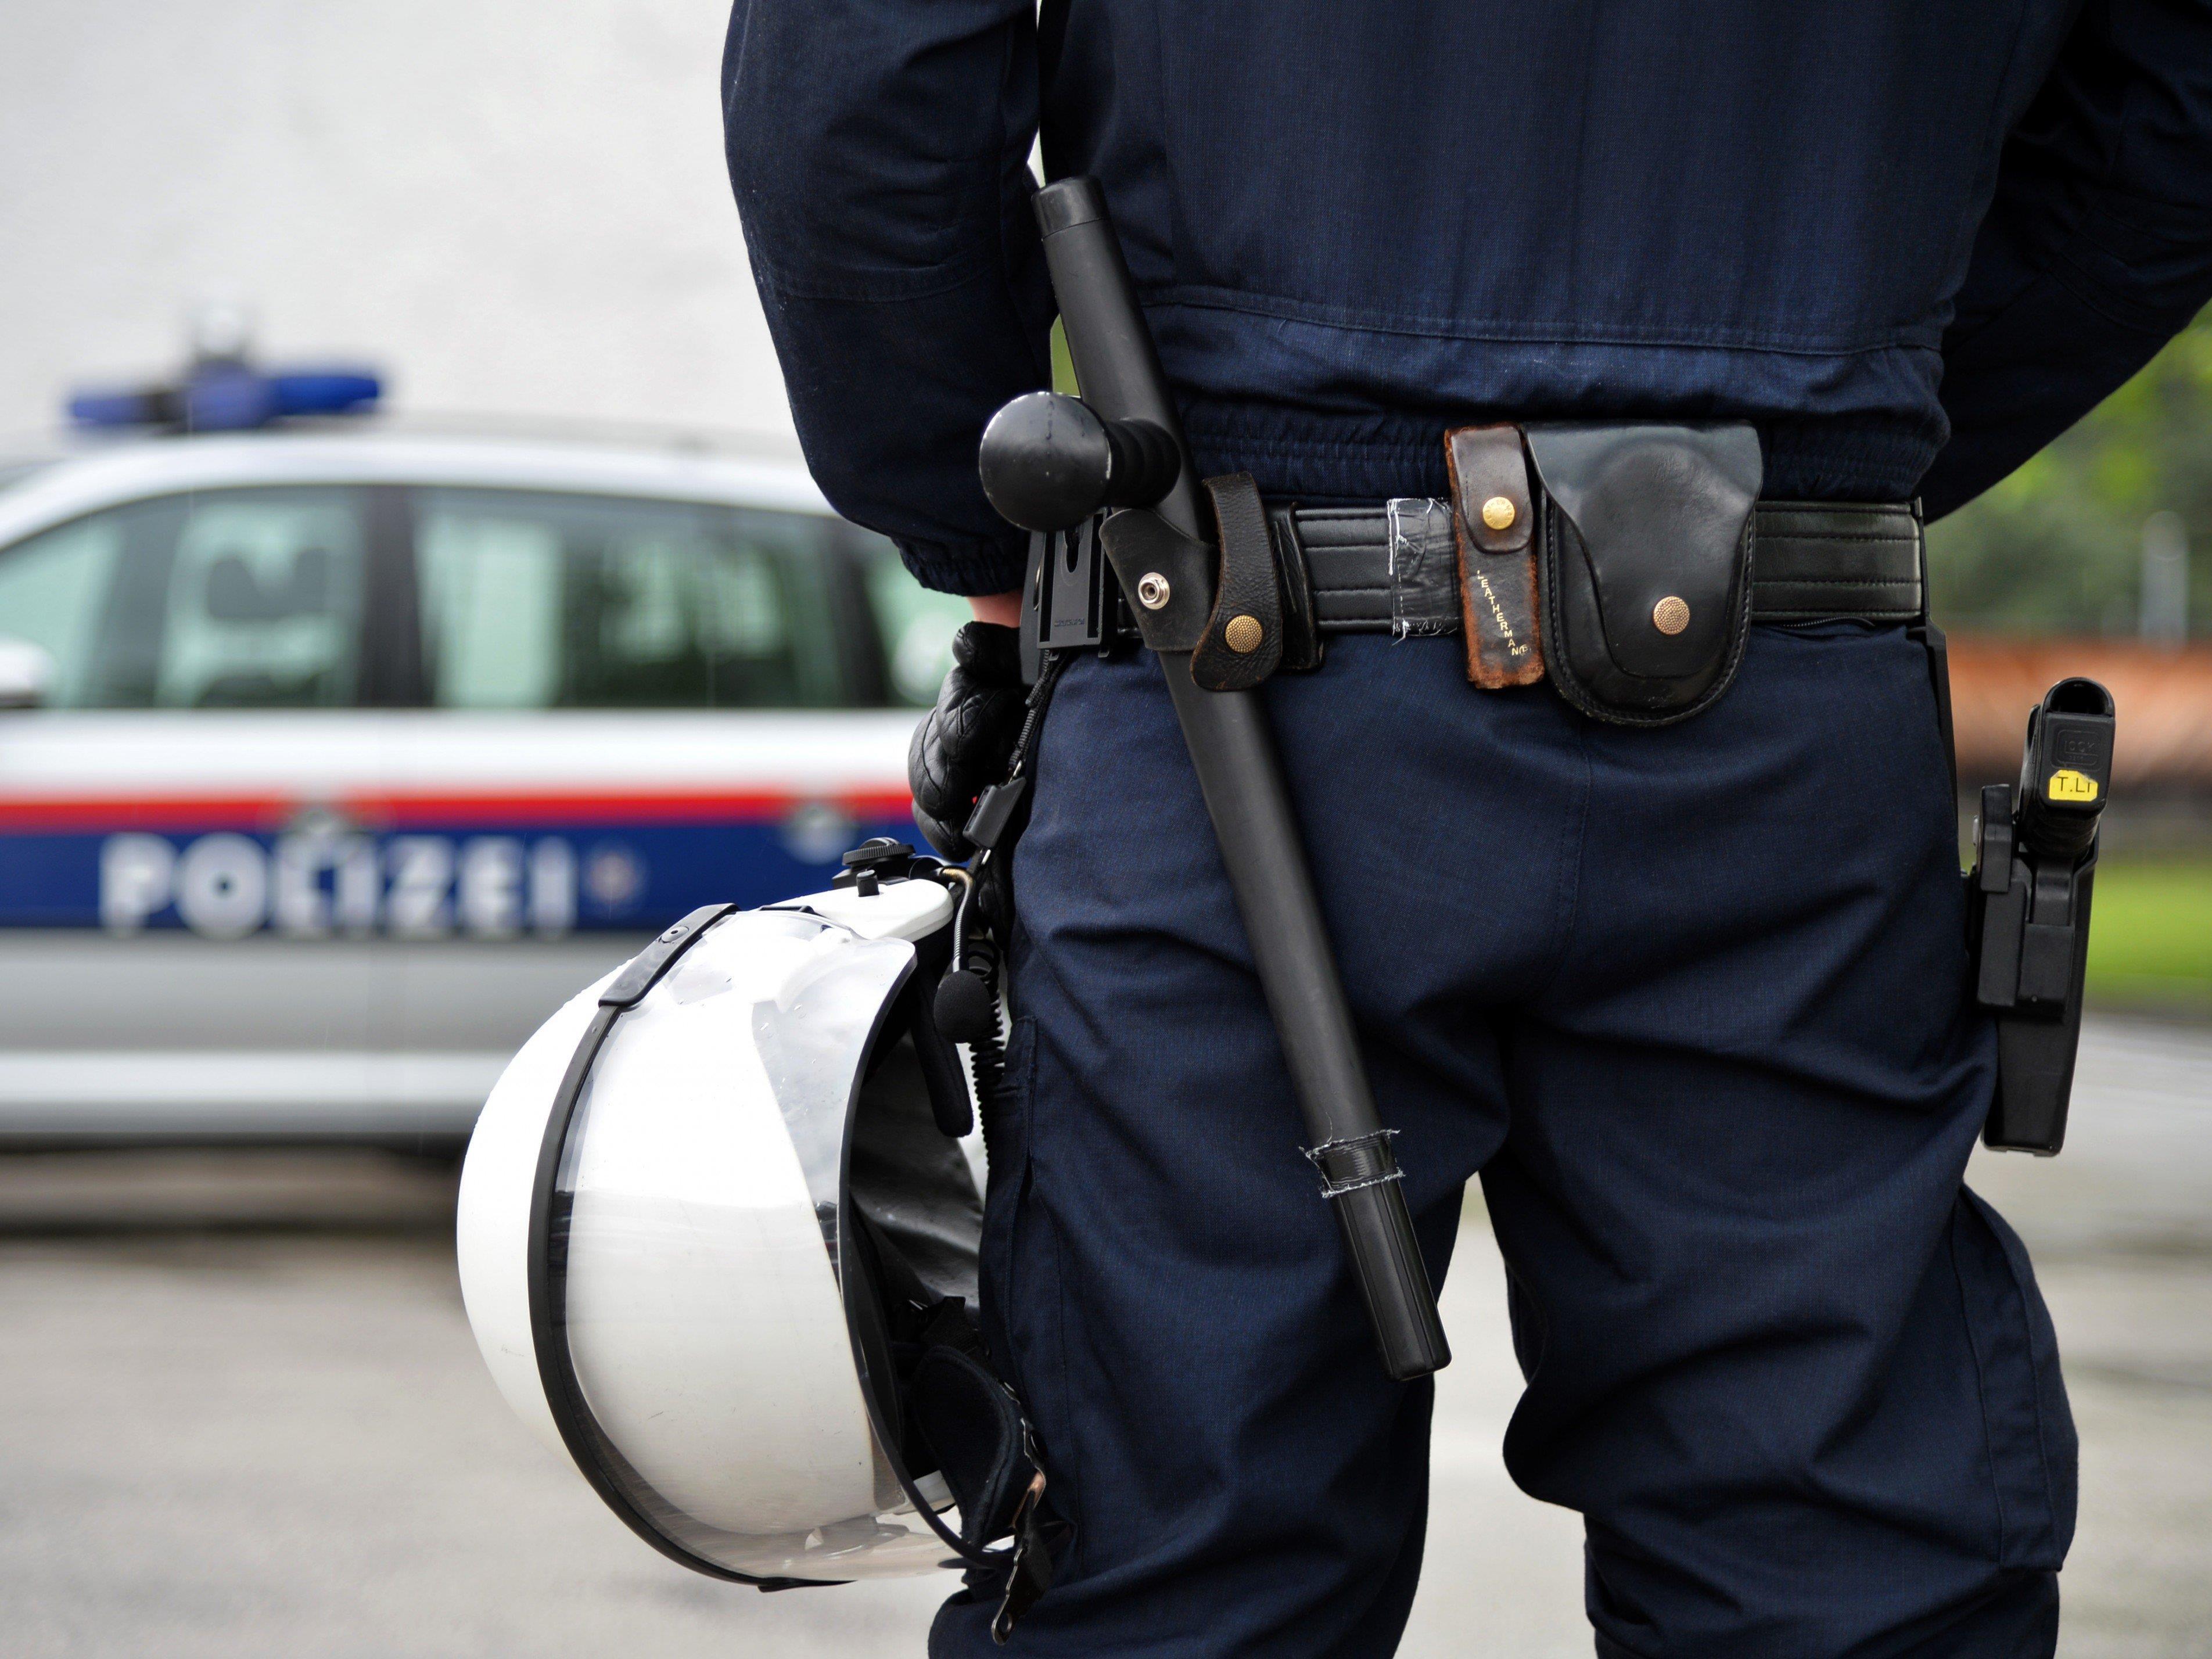 Auf einem Parkplatz in Feldkirch wurde ein Fünfjähriger von einem Fahrzeug erfasst.